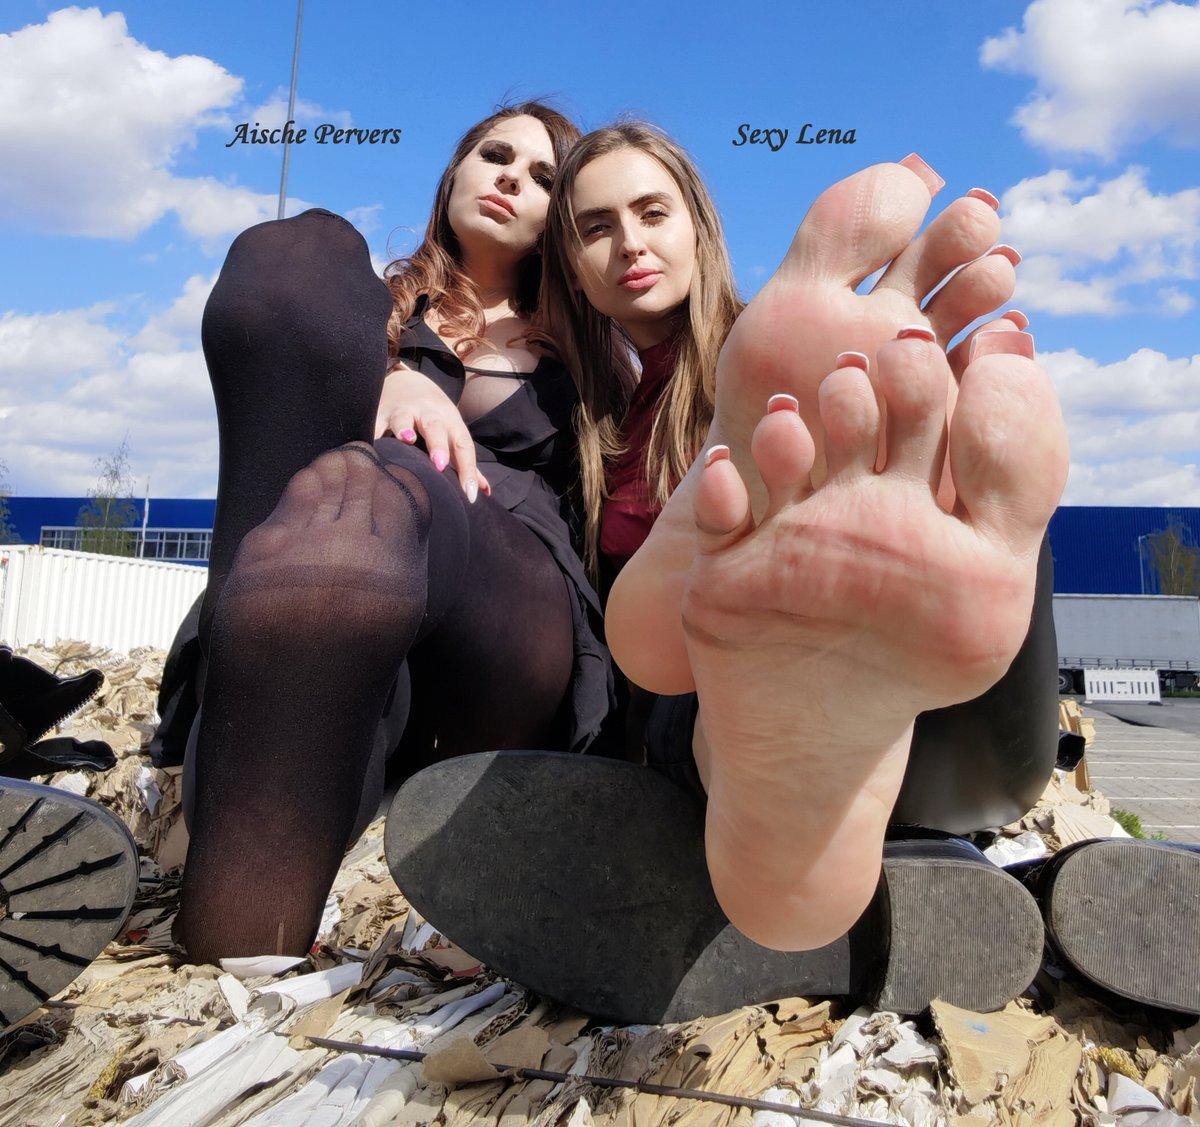 Füße aische pervers Aische